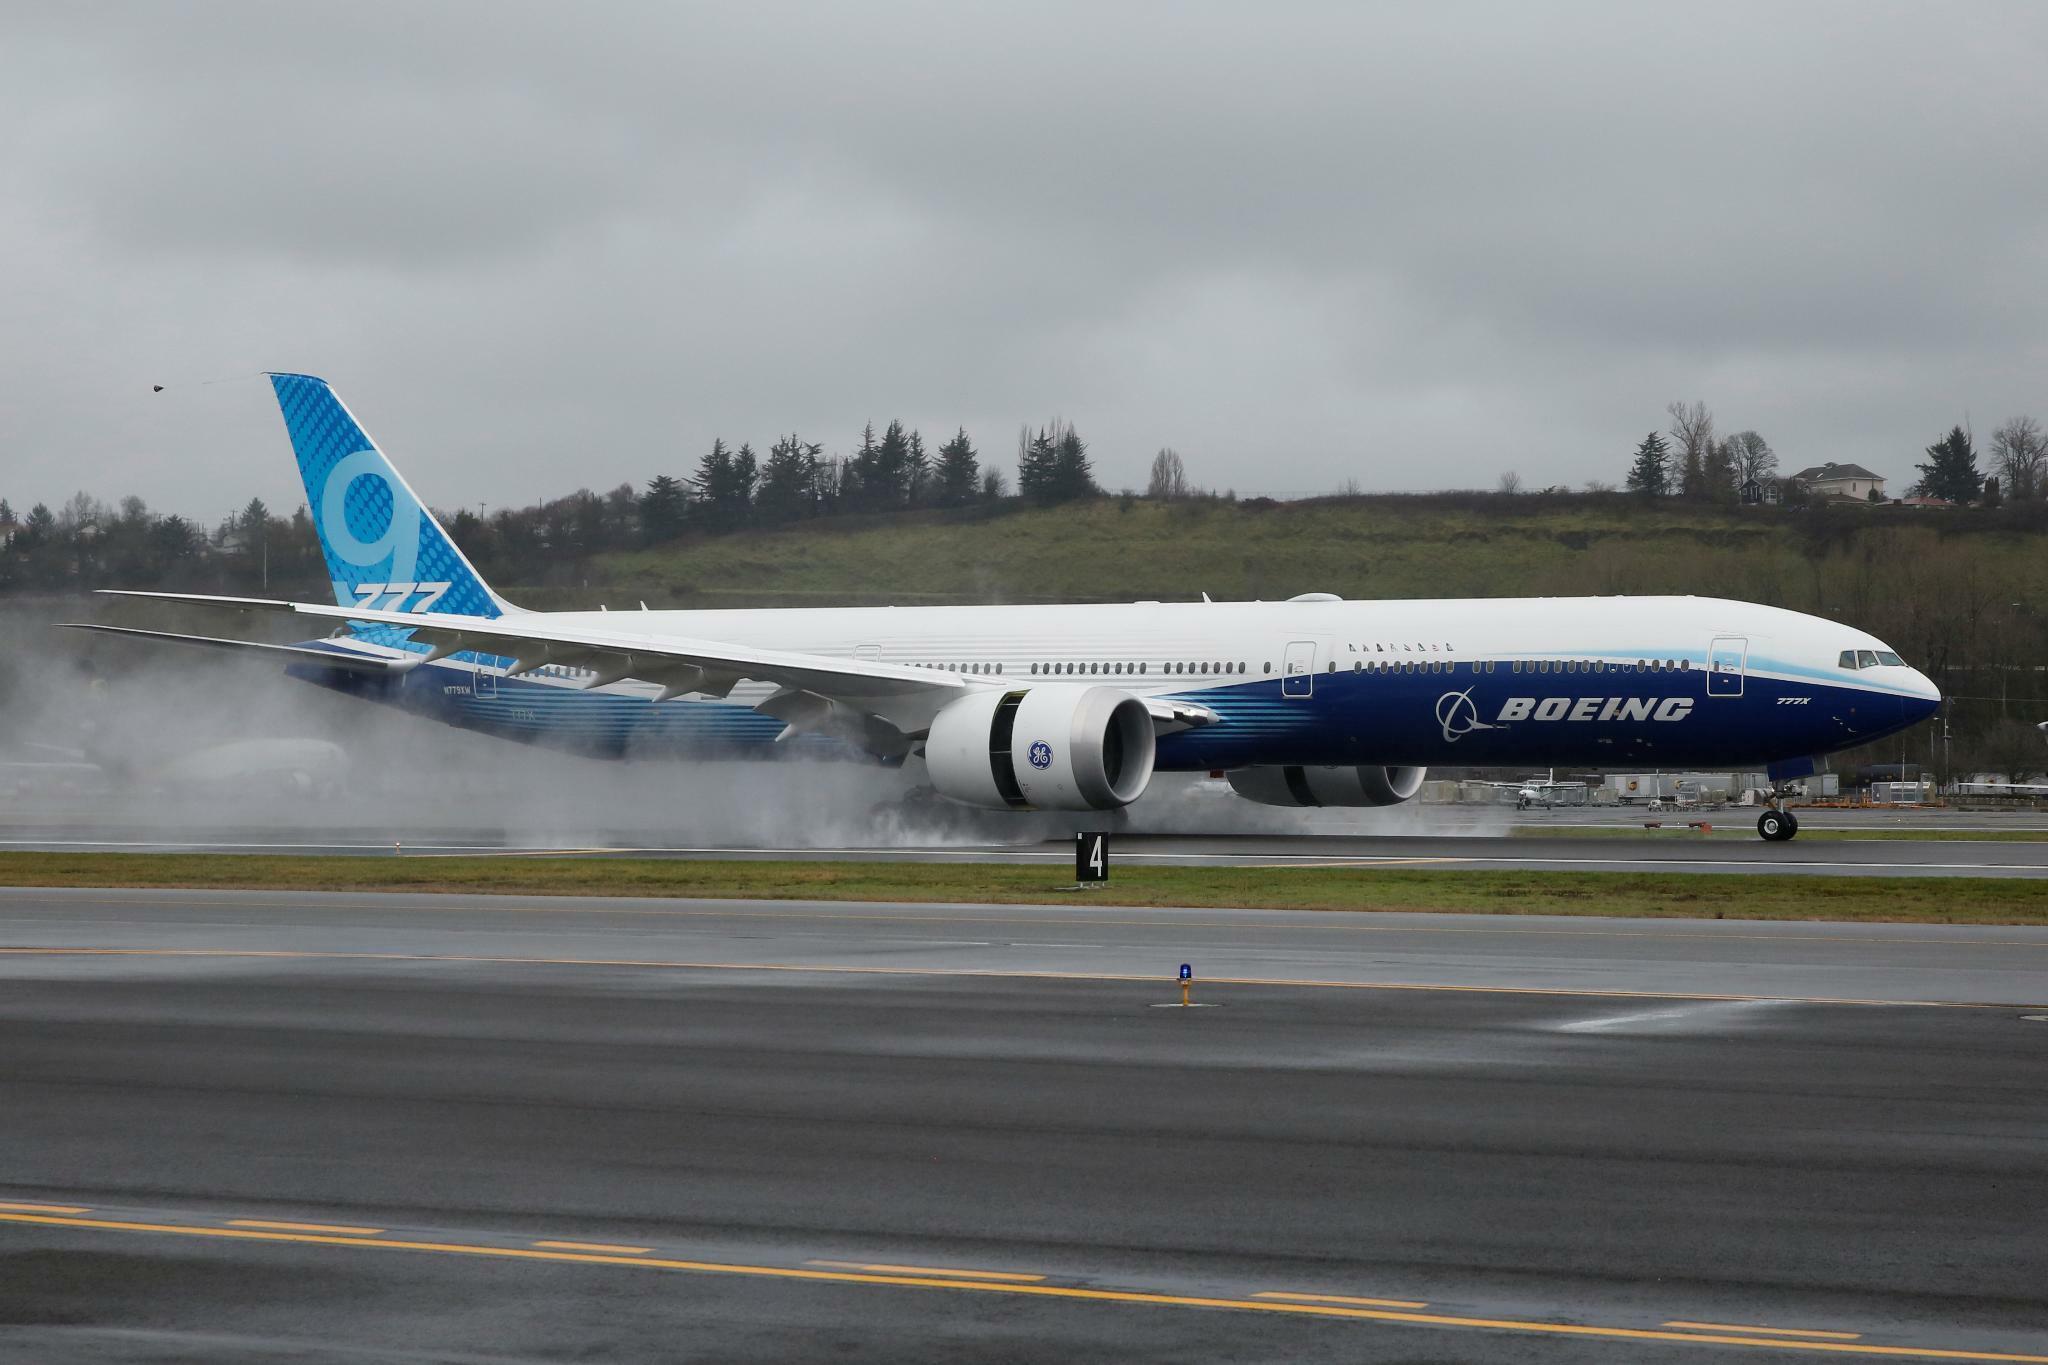 Neues Boeing-Modell 777X absolviert erfolgreich seinen Erstflug